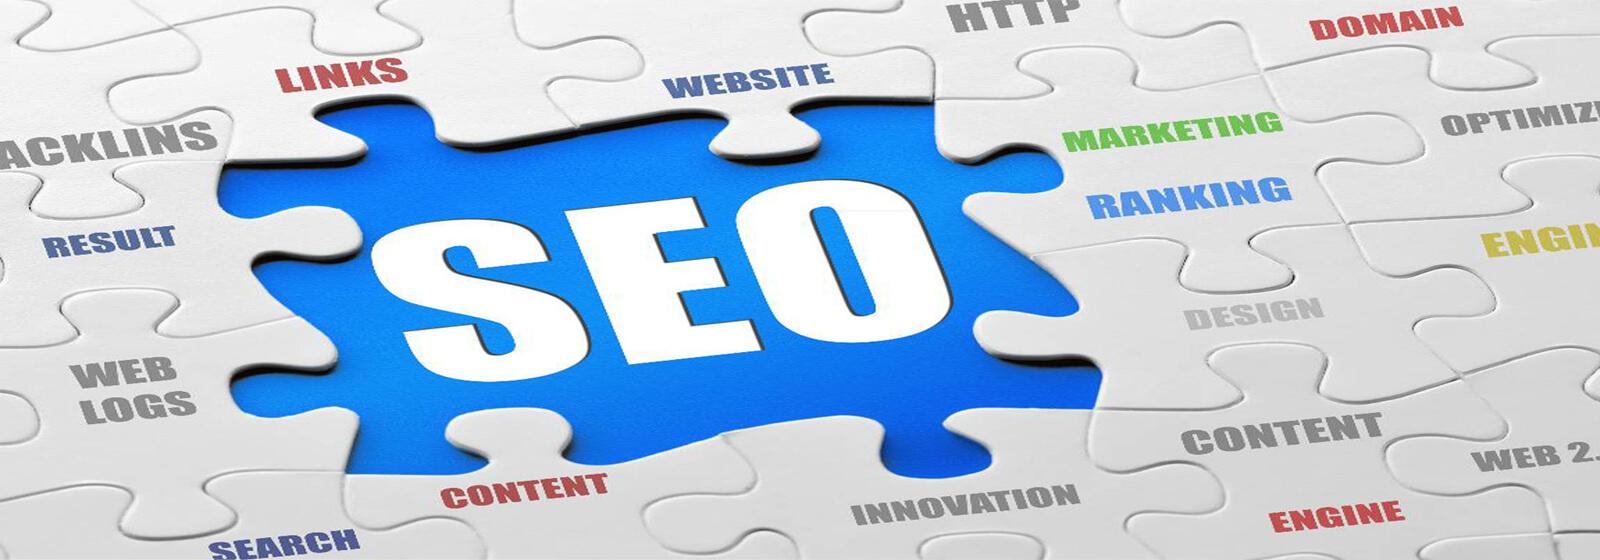 agendadigitale.eu - Search Engine Optimization (SEO): cos'è, come funziona e come si evolve